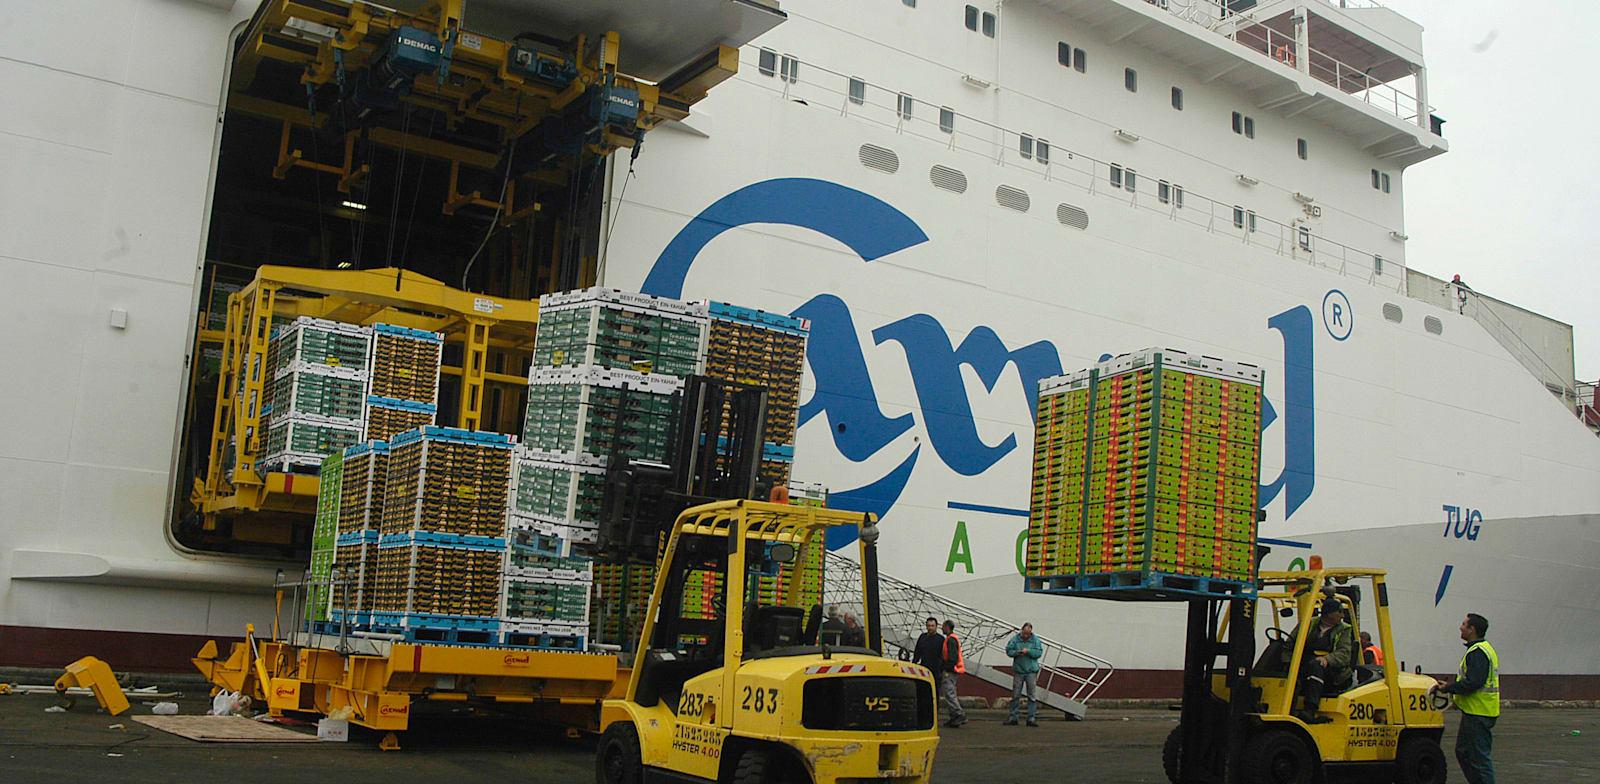 משלוח יצוא בנמל אשדוד / צילום: תמר מצפי